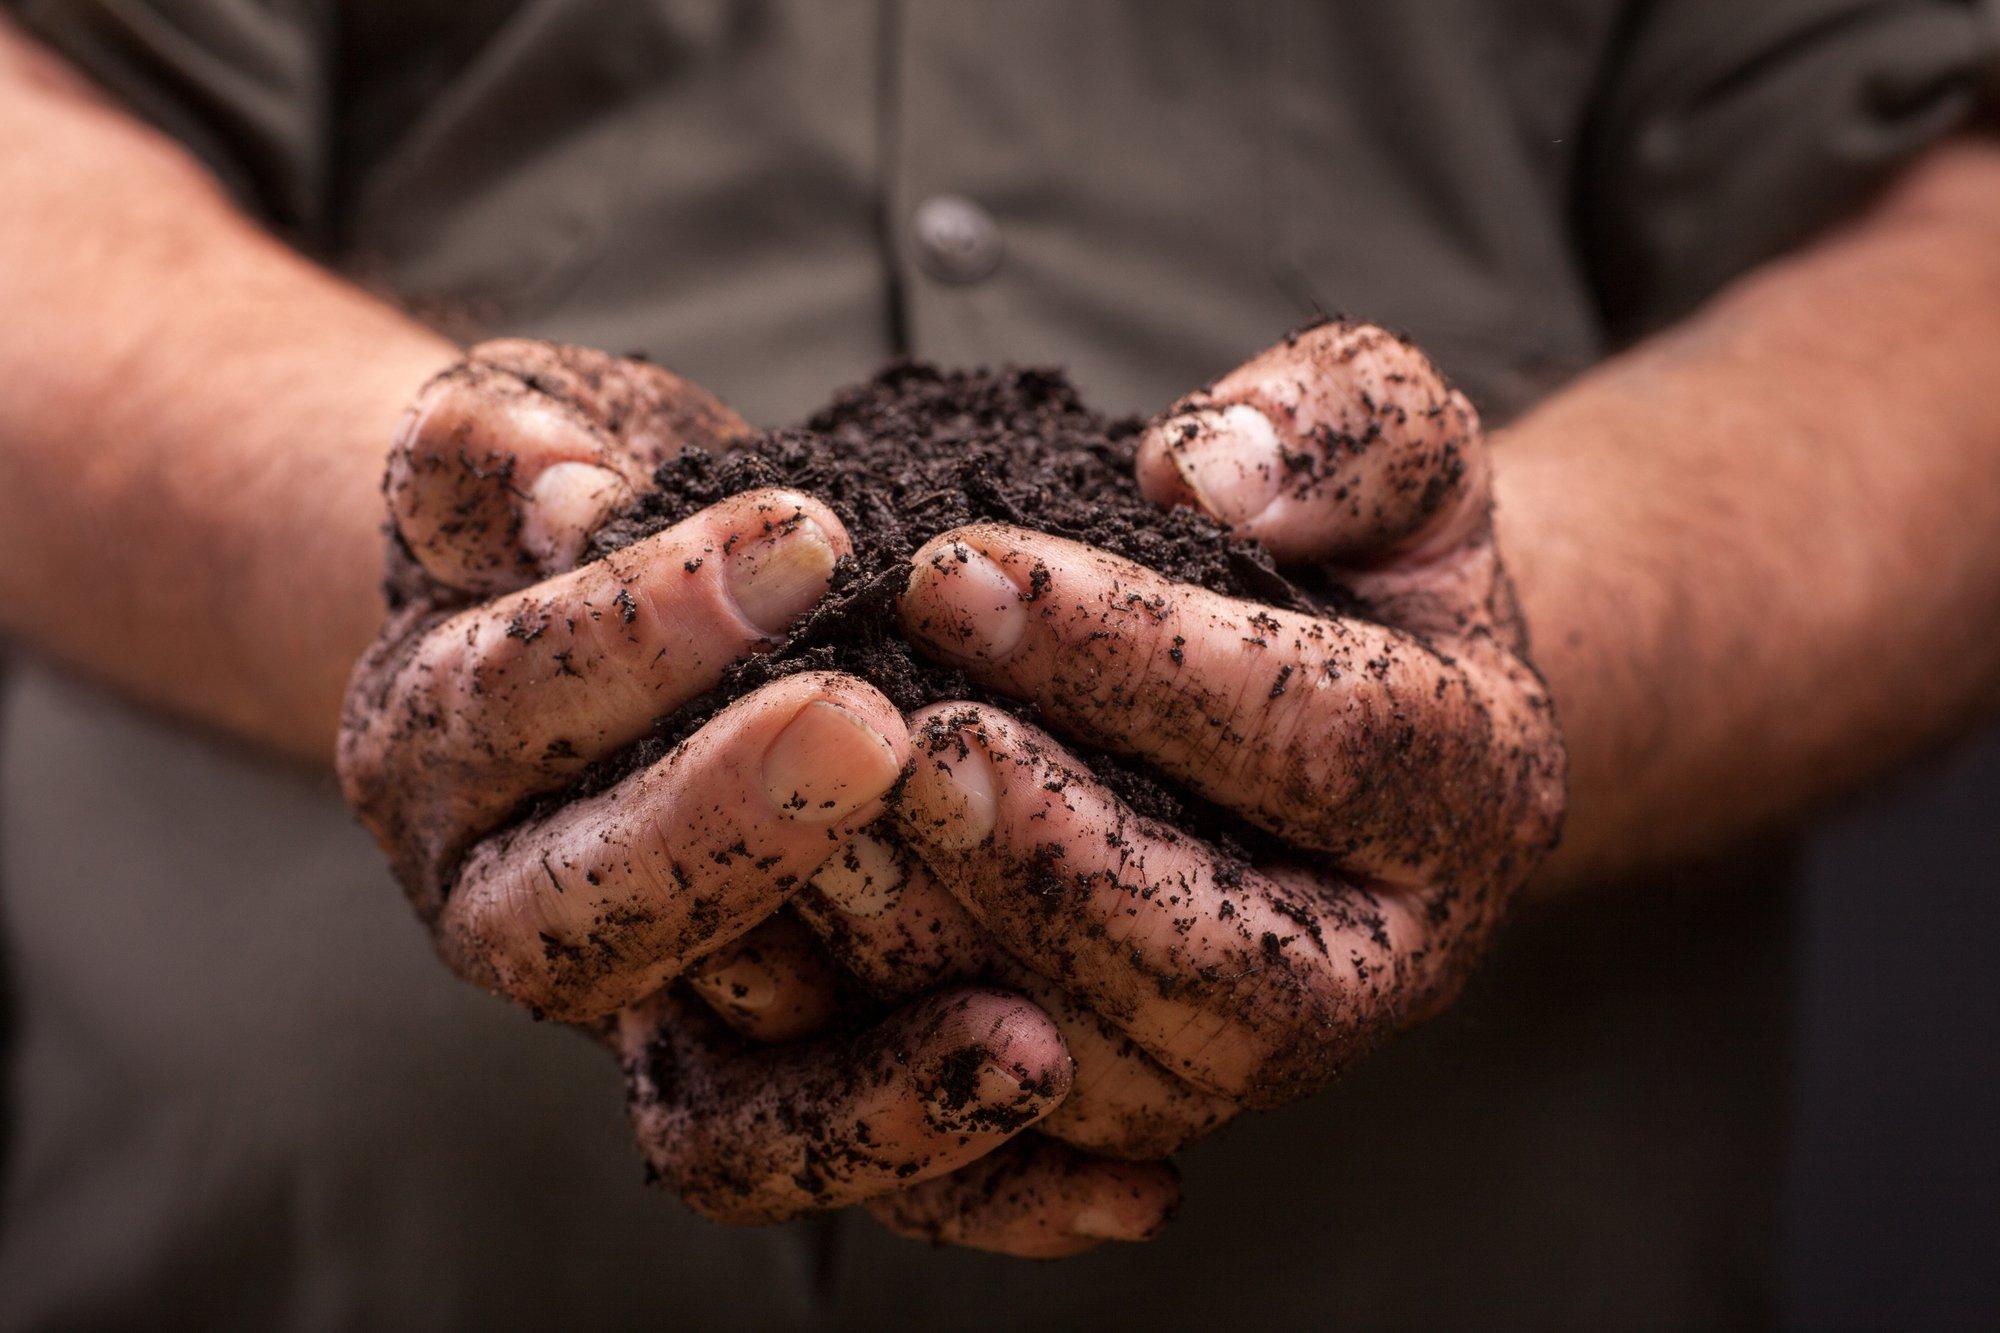 Nutrient-rich soil held in a farmer's hands